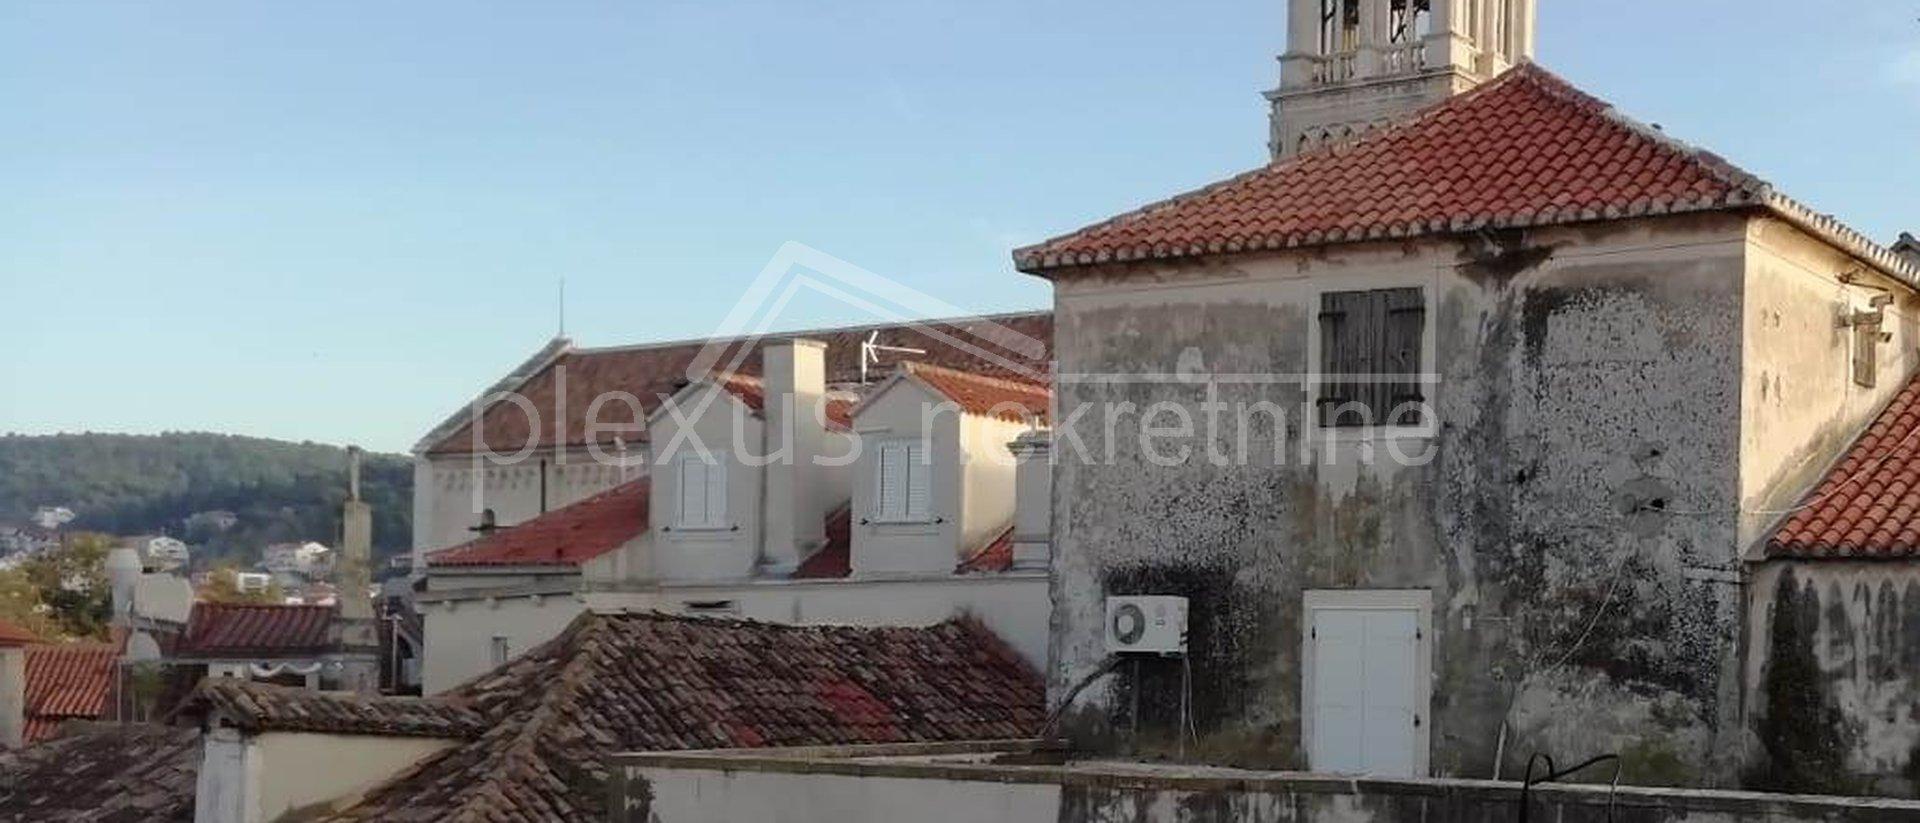 Appartamento, 110 m2, Vendita, Trogir - Trogir